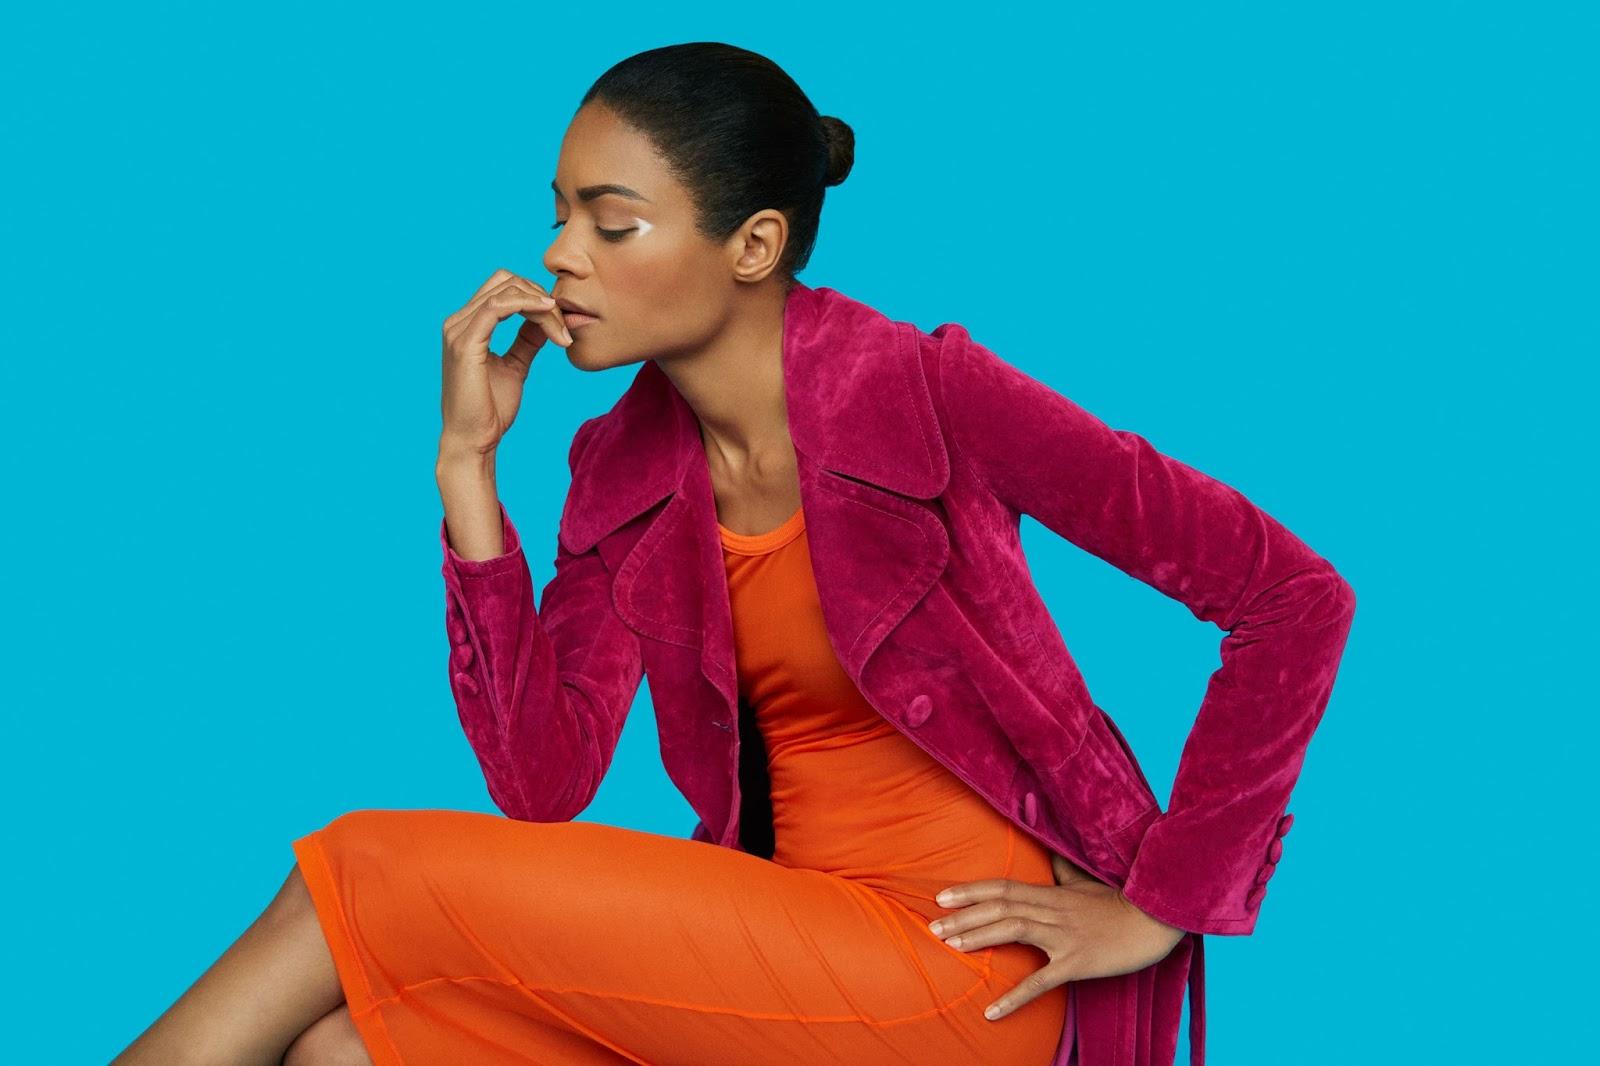 Naomi smith fashion stylist 1990s in